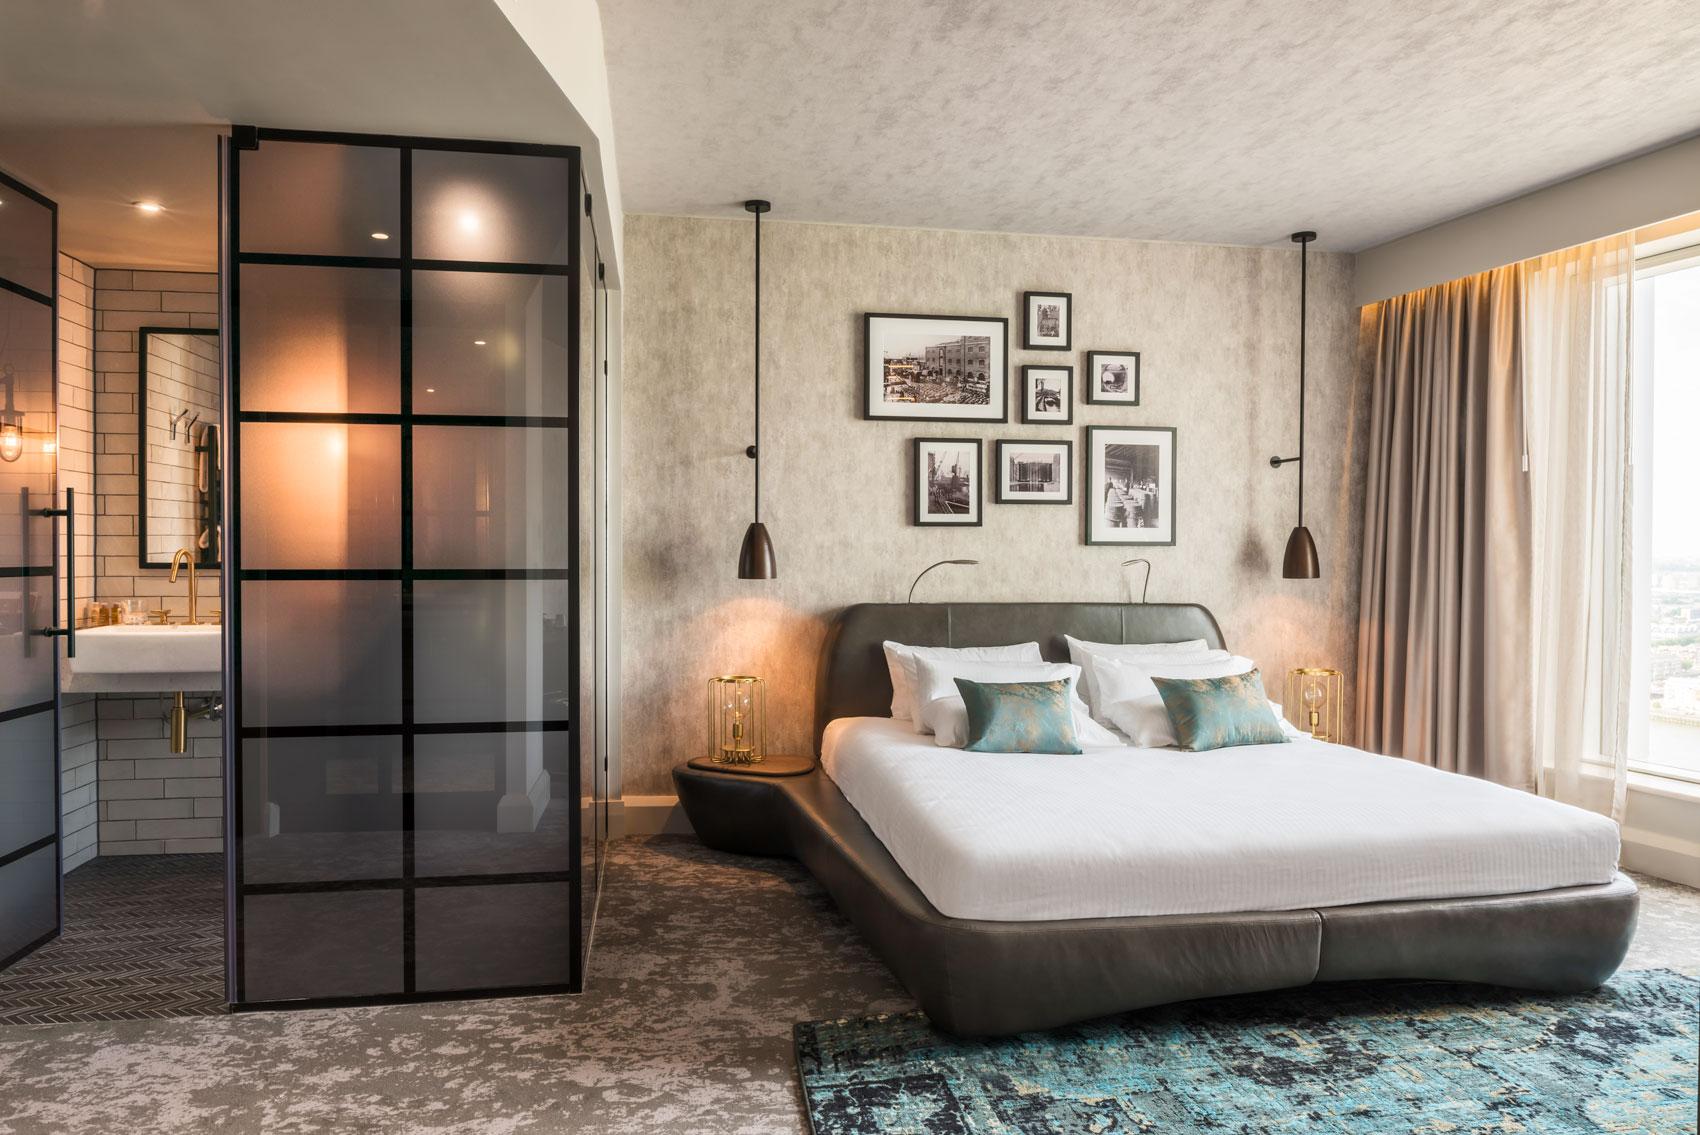 Photographie d'hôtellerie et de décoration